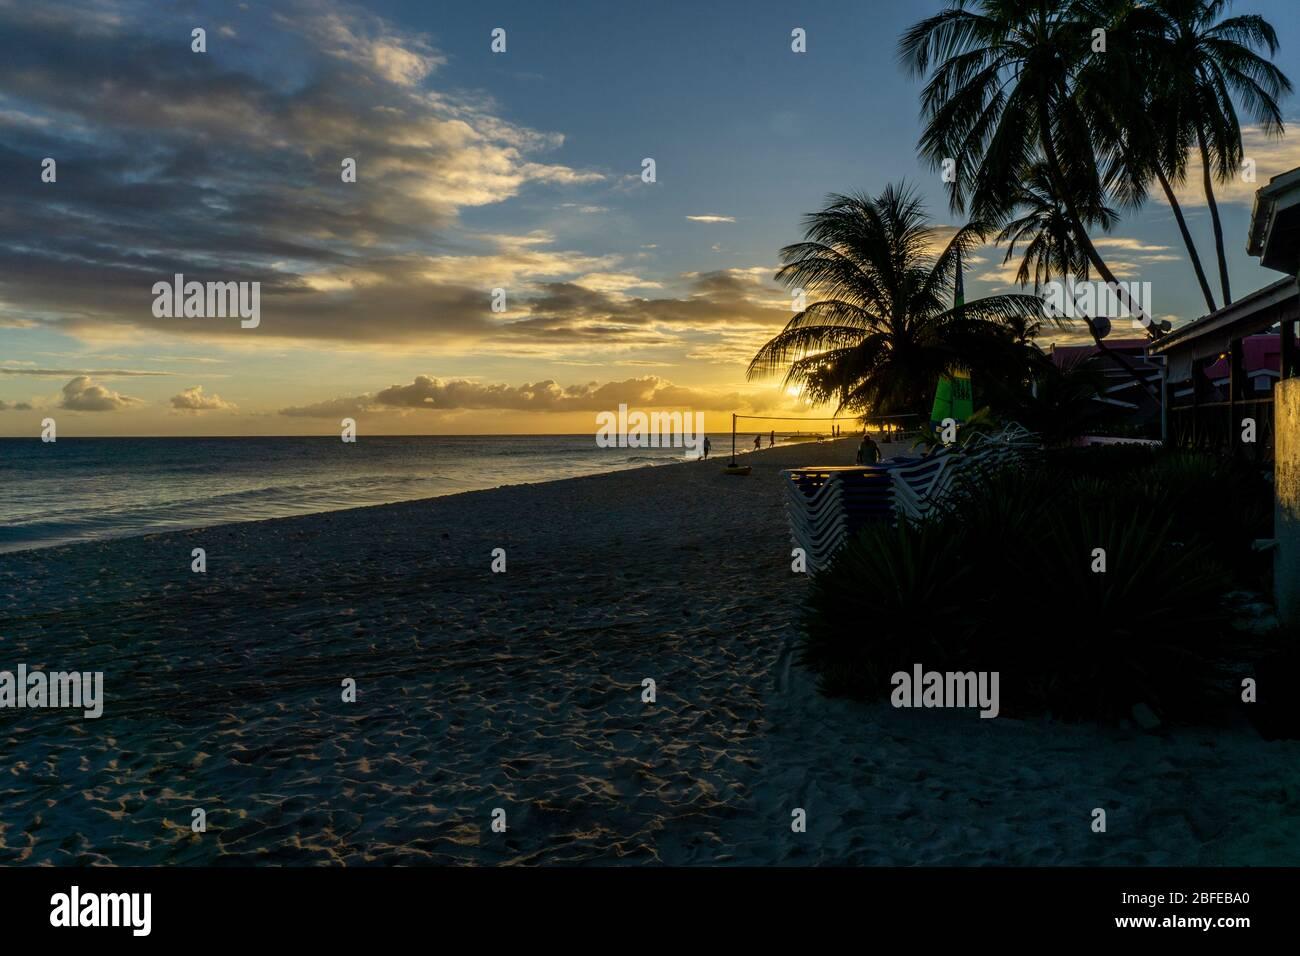 Atardecer en la playa de Dover, St. Lawrence Gap, South Coast, Barbados, Caribe. Foto de stock